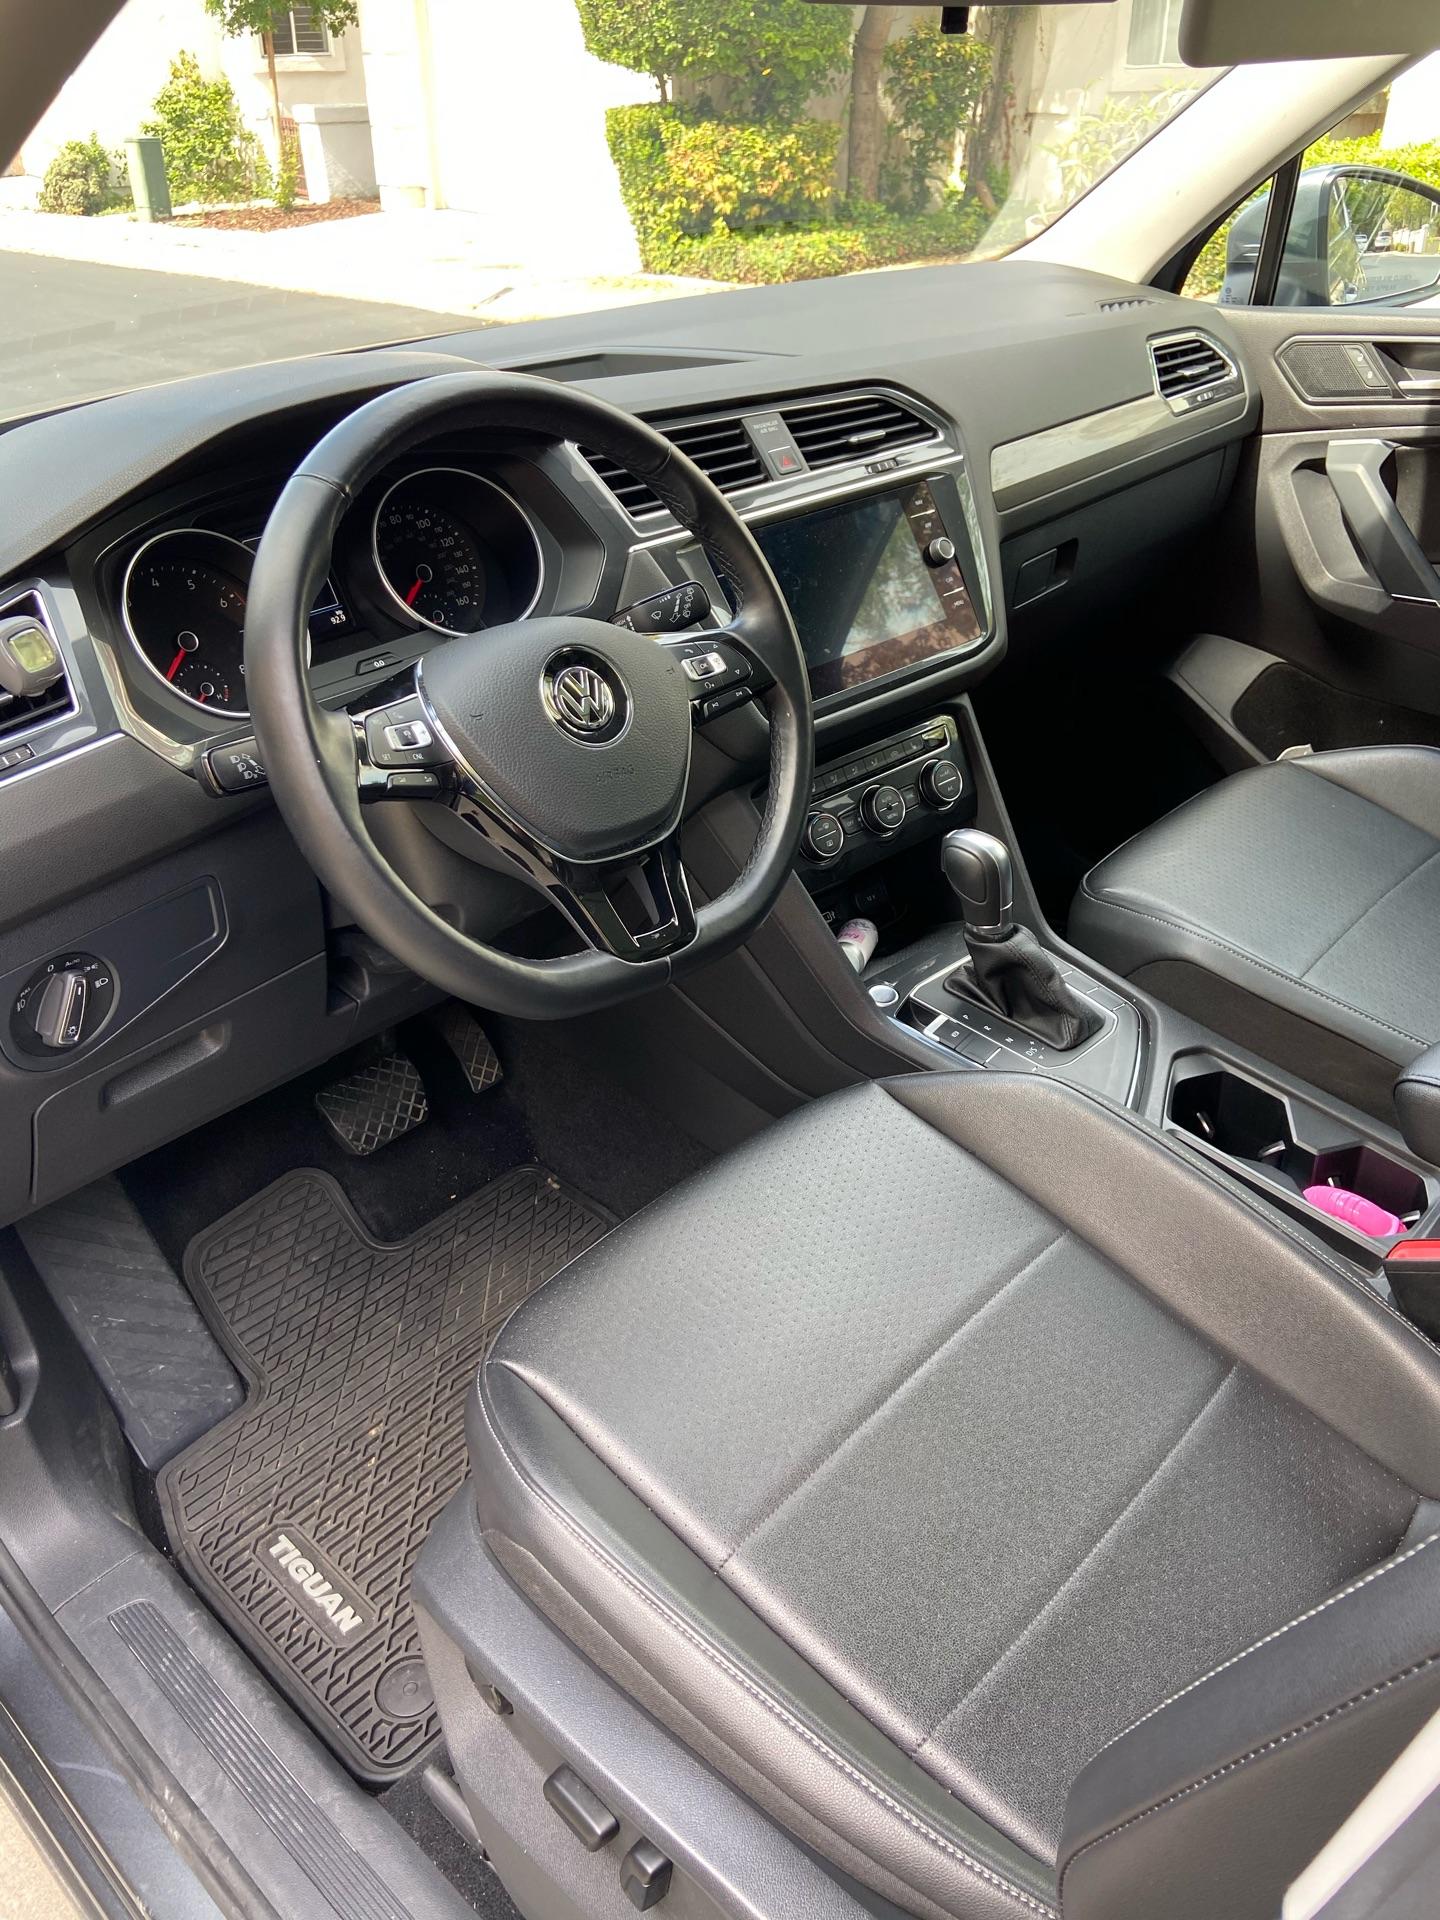 Volkswagen Tiguan - photo 2